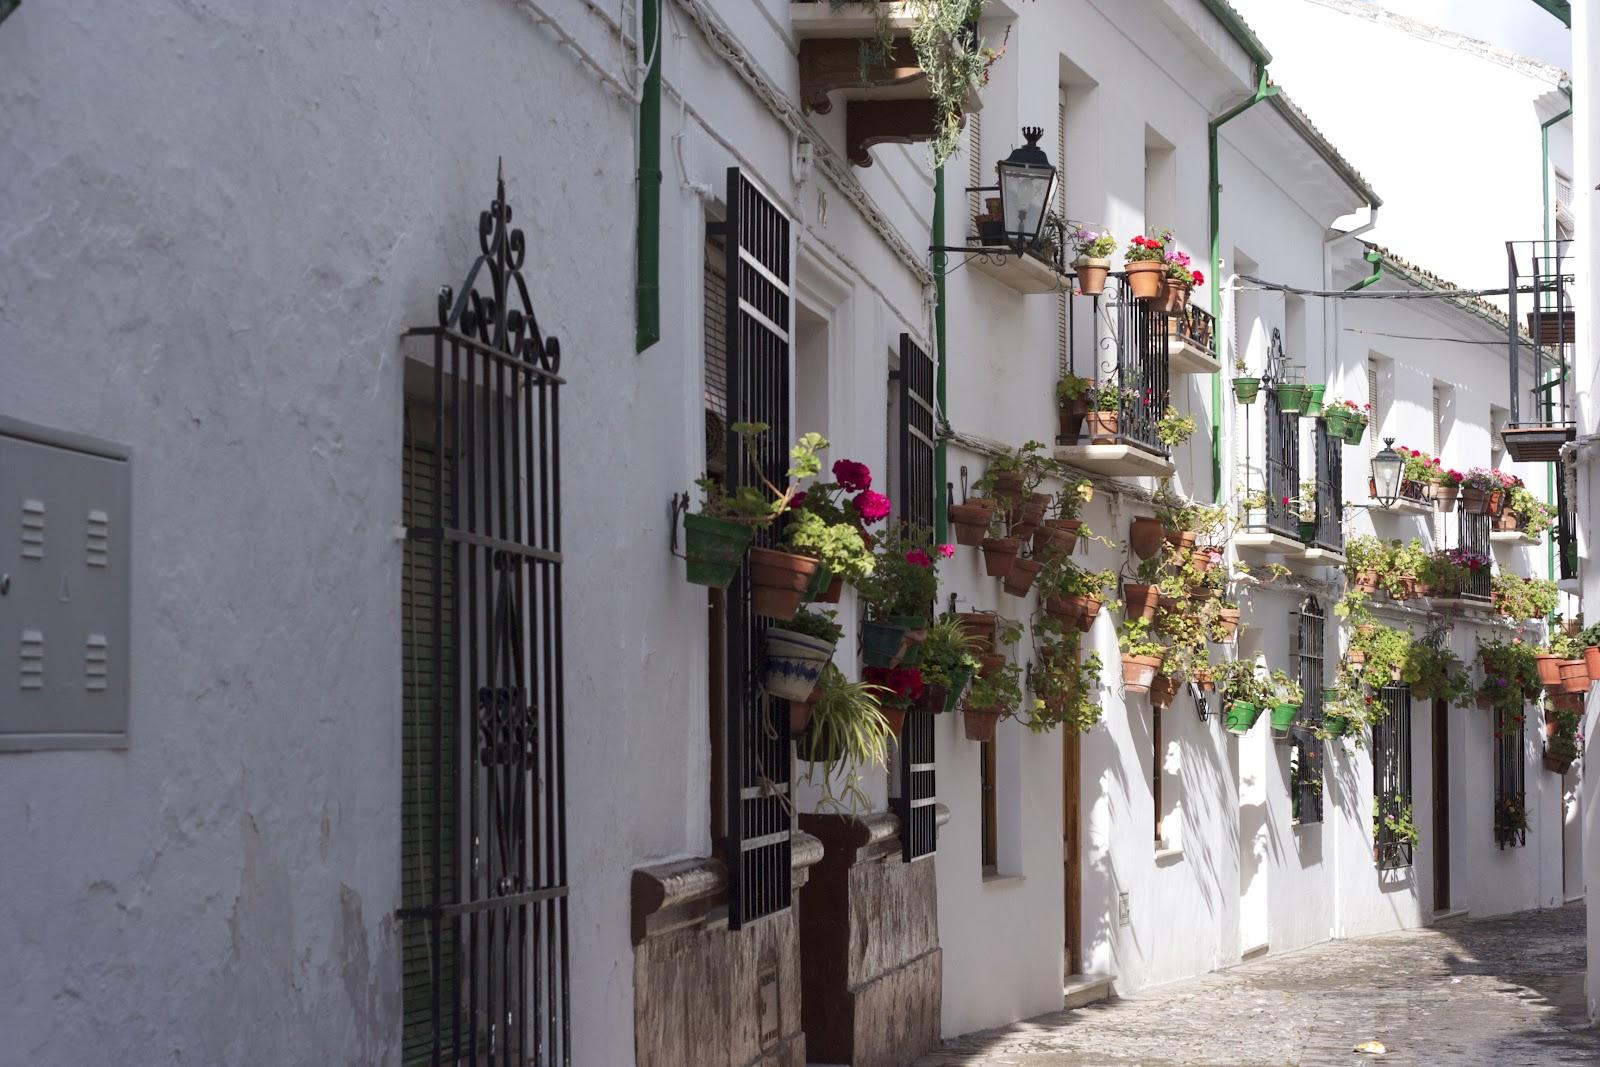 La cruz del sur factor a de melancol a - Casas tipicas andaluzas ...